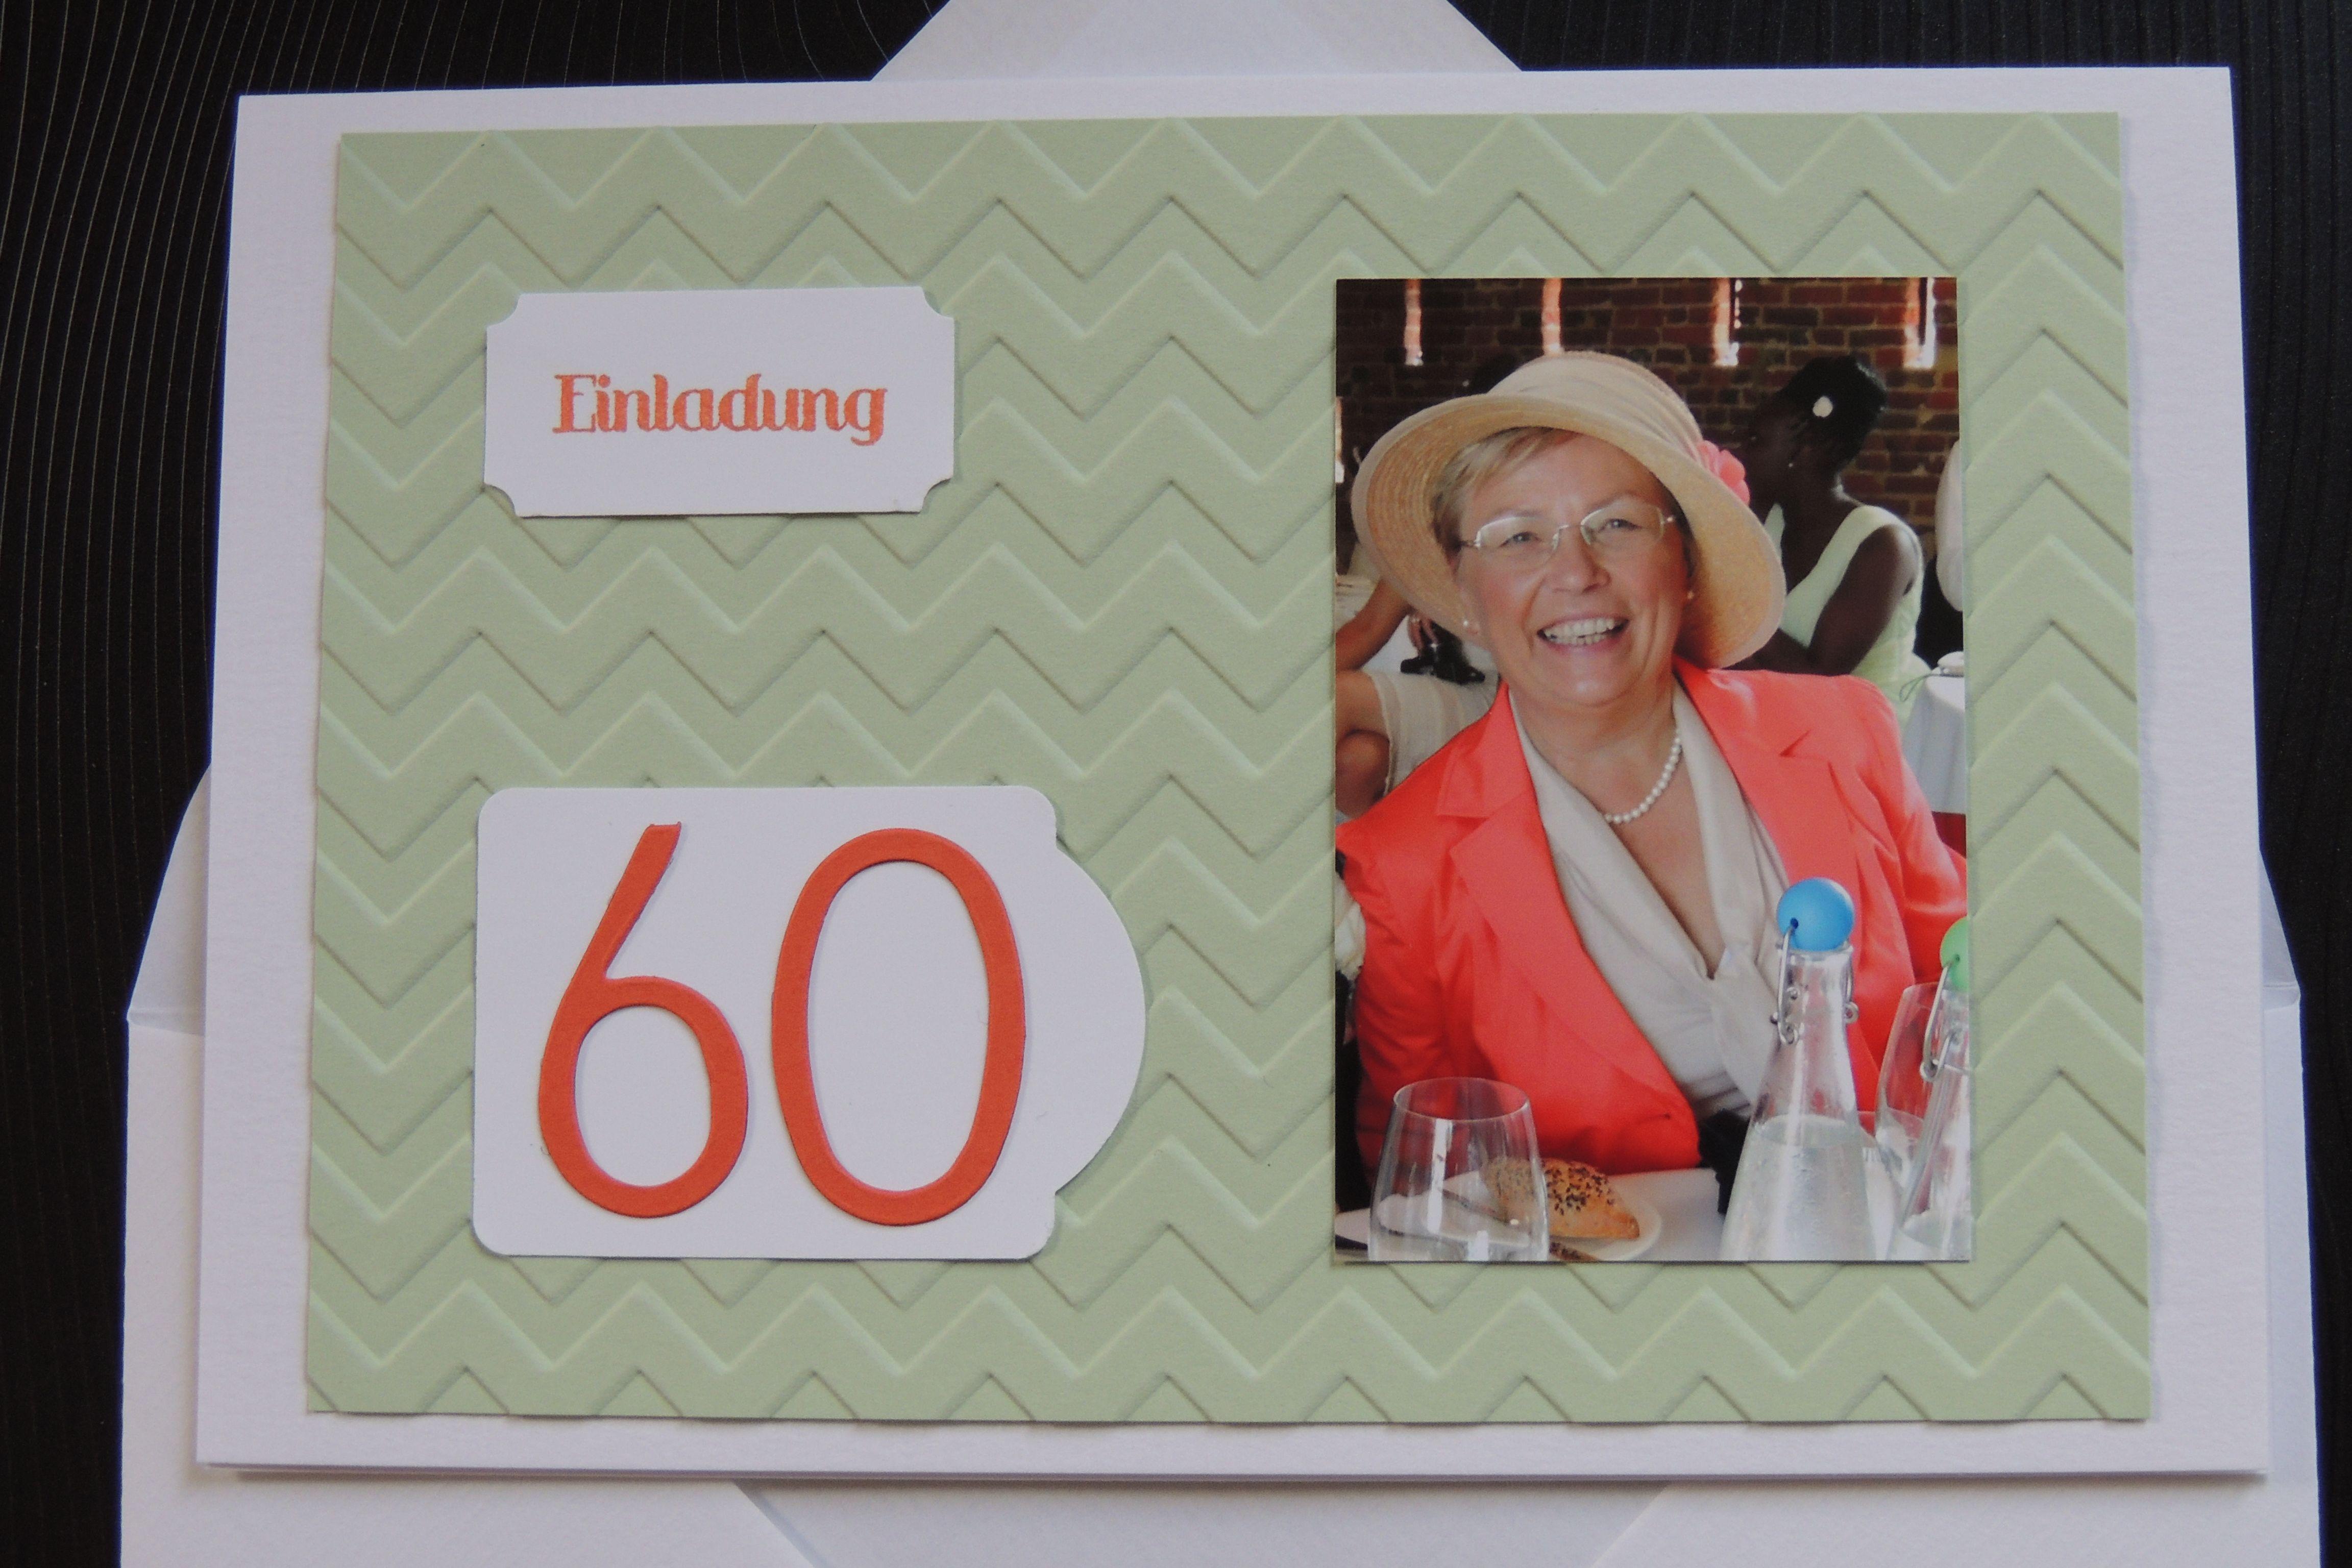 Einladung zum 60. Geburtstag: Geprägter Farbkarton, Stanzen und Bigz von Stampin up.